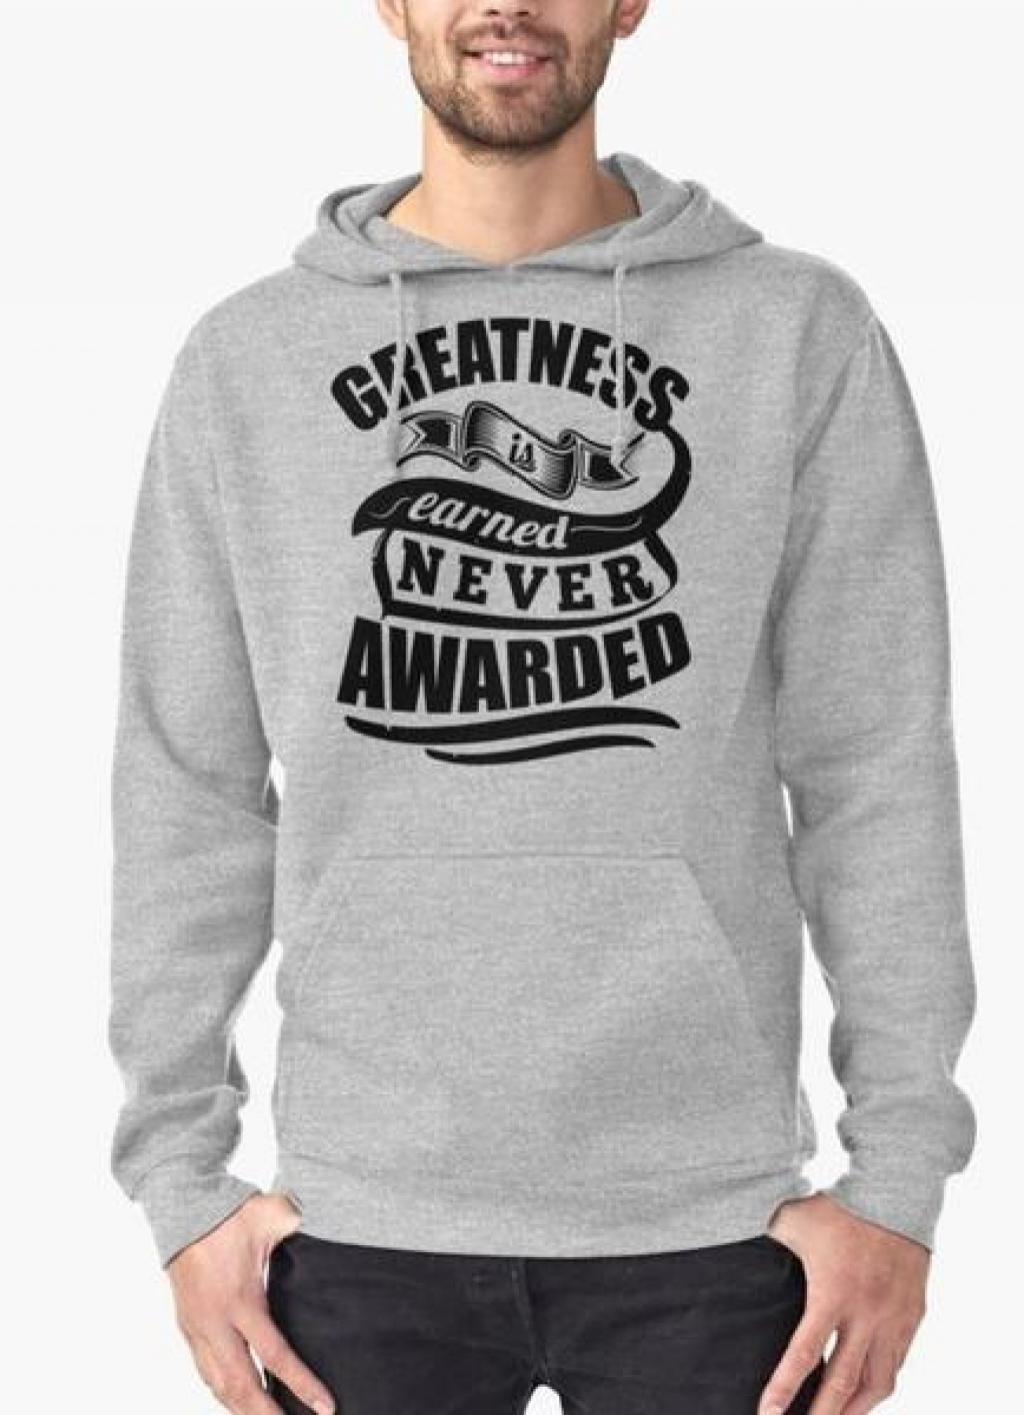 15408305280_farhan-ahmed-hoodie-greatness-earned-hoodie-3908024172632_grande.jpg